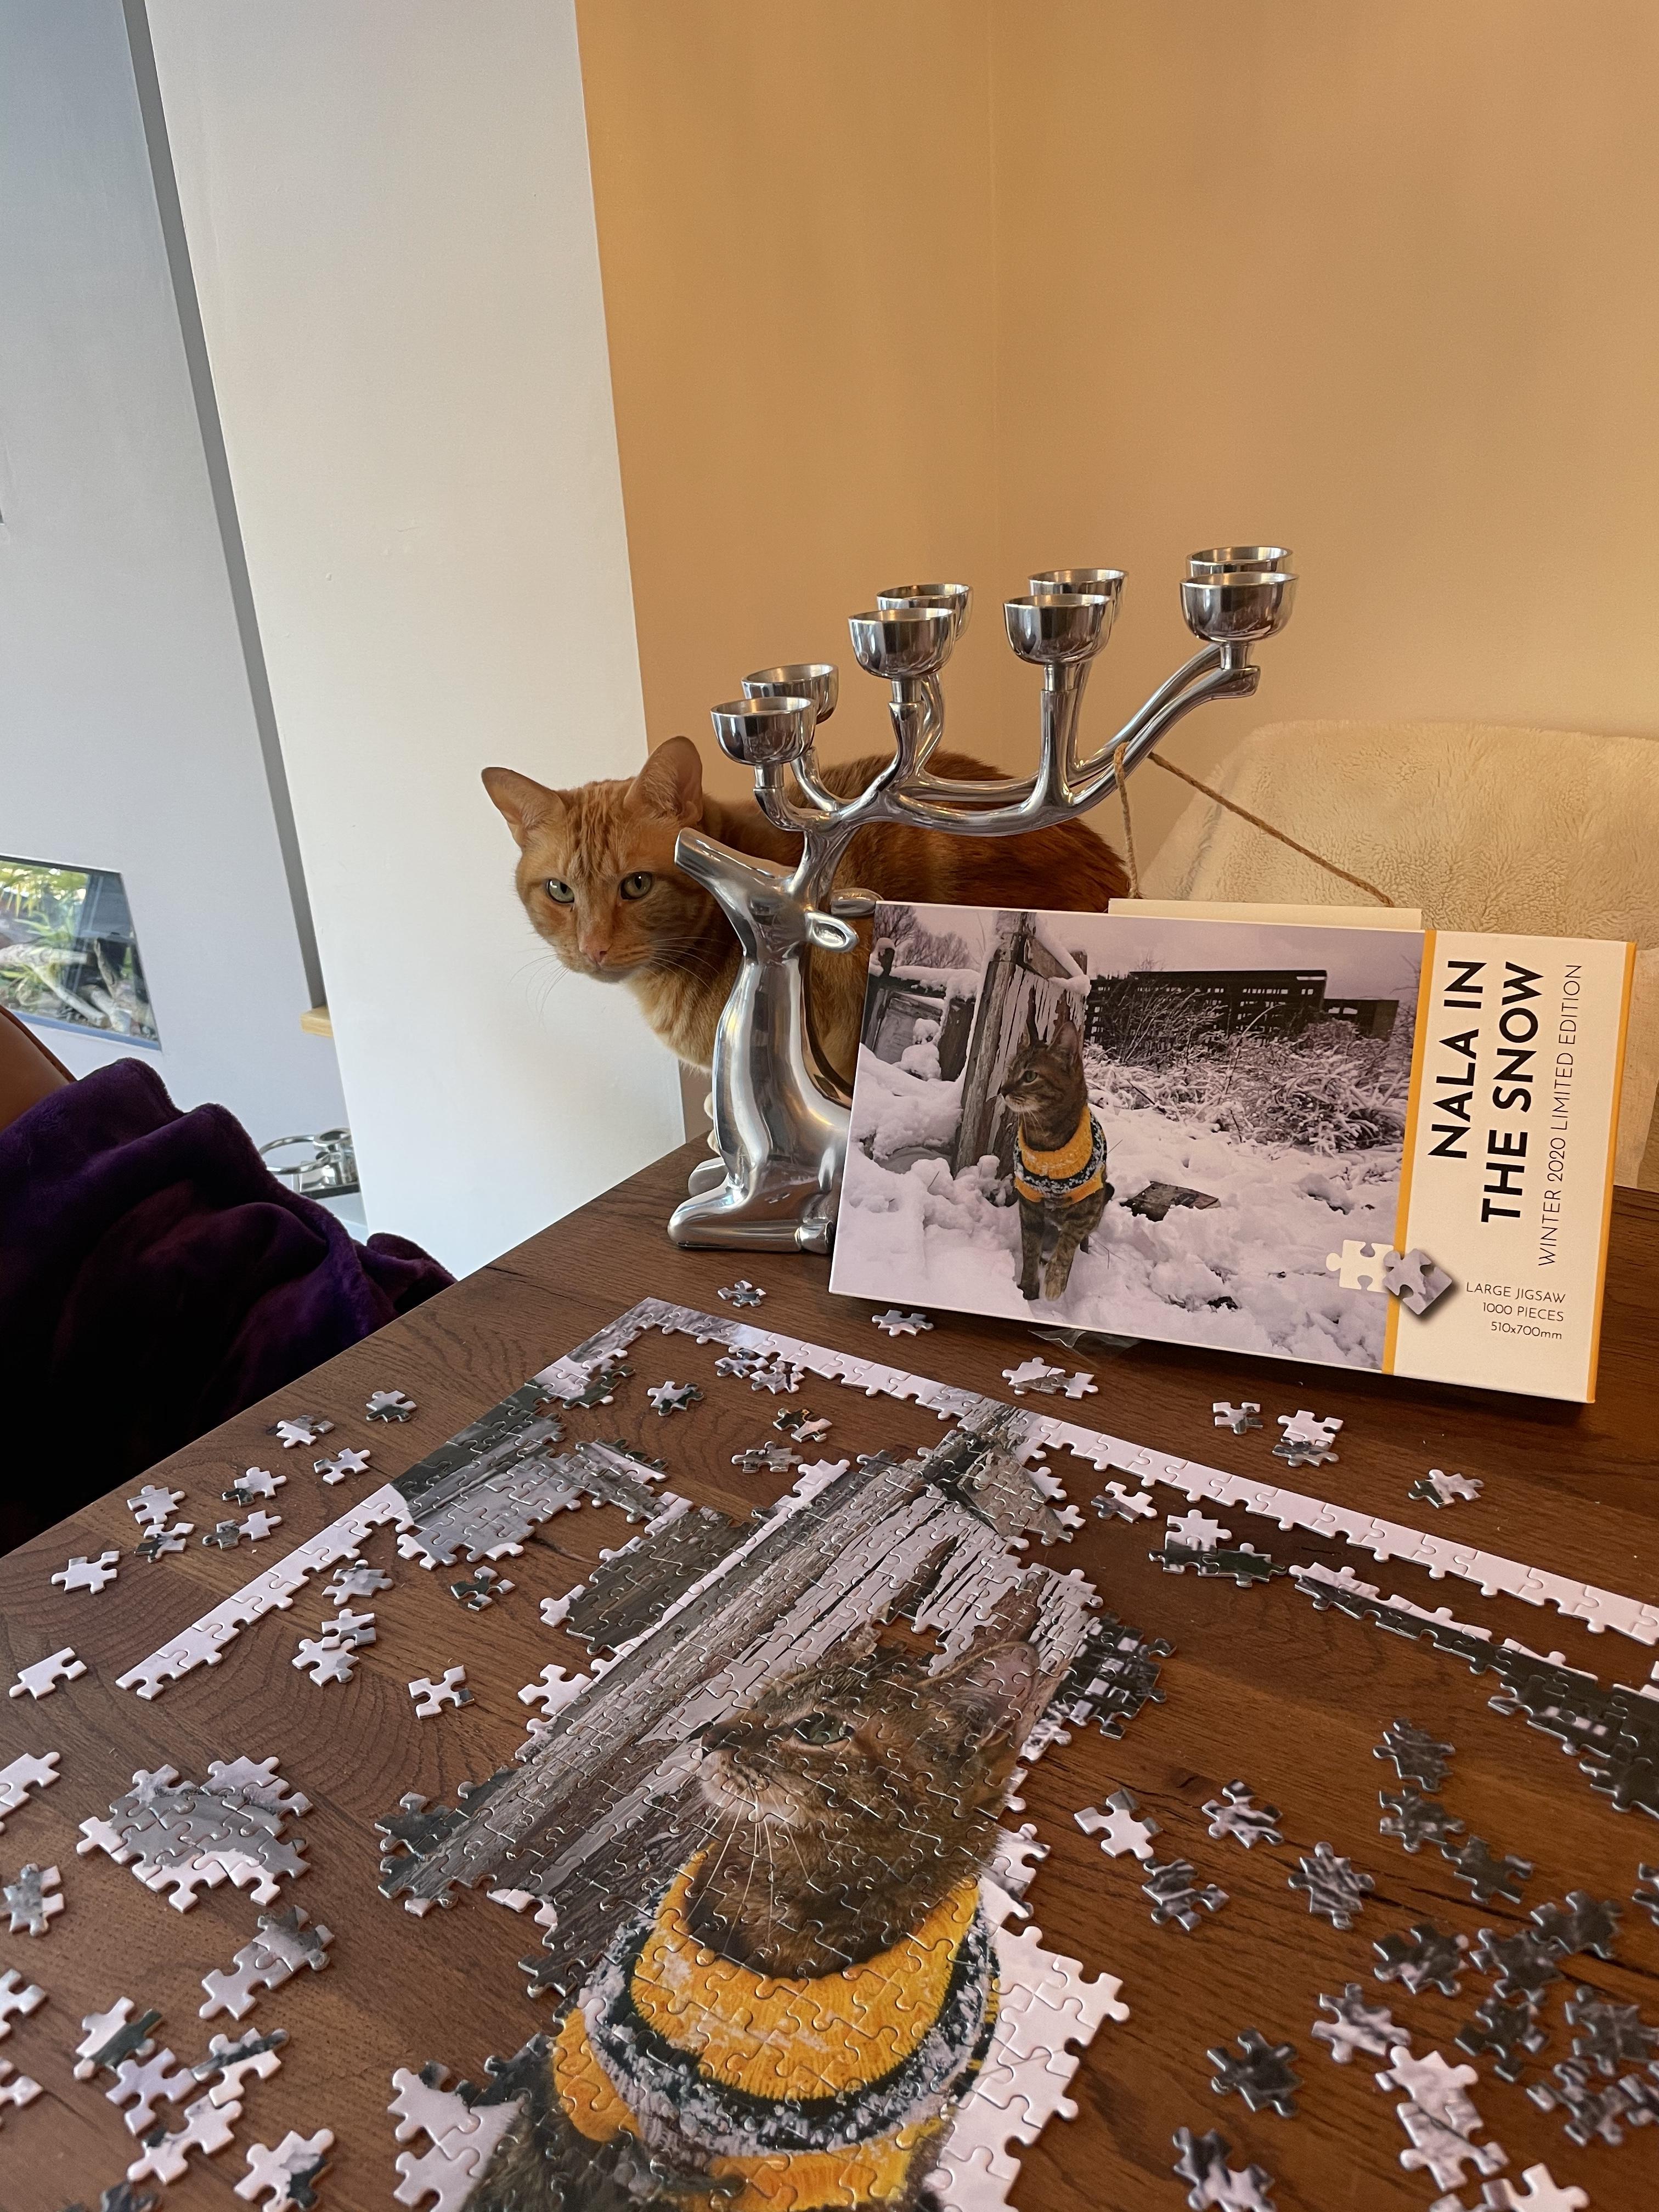 Nalas jigsaw 🧩 with Ben